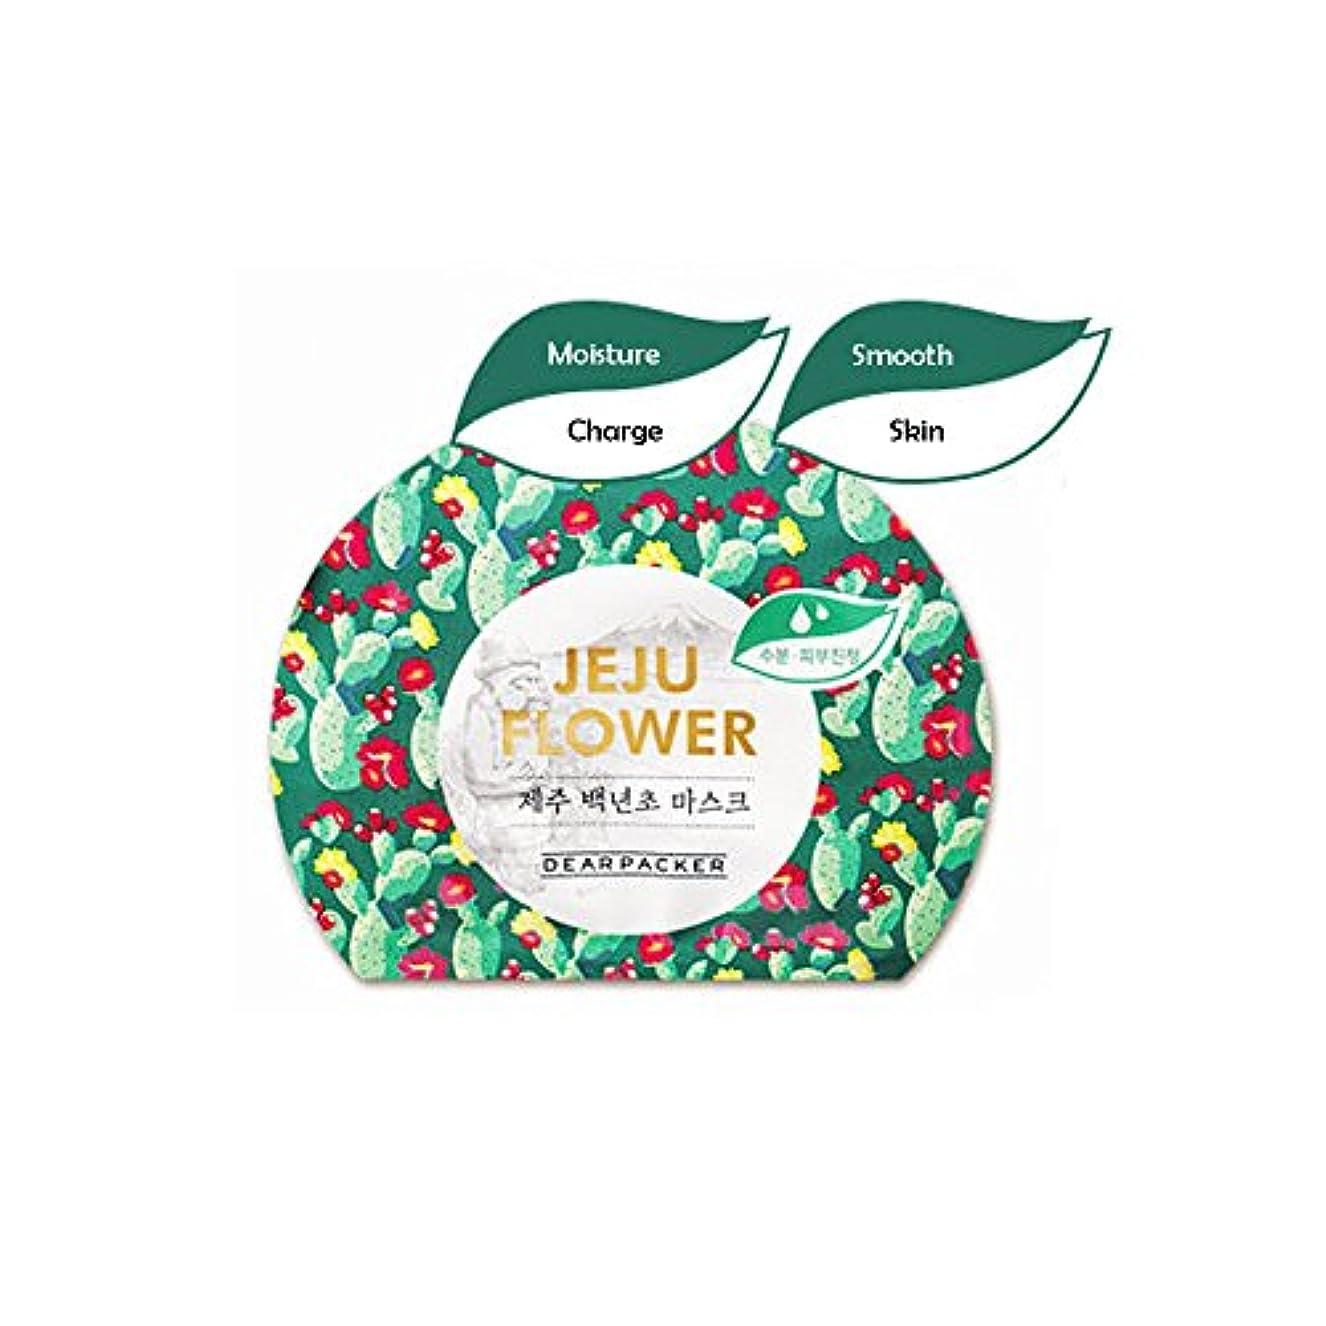 ベギン教えるアームストロング済州花のマスクシート2018新 Jeju Flower Mask Sheet 2018 New (Baek Nyeon Flower, 3 Sheets)